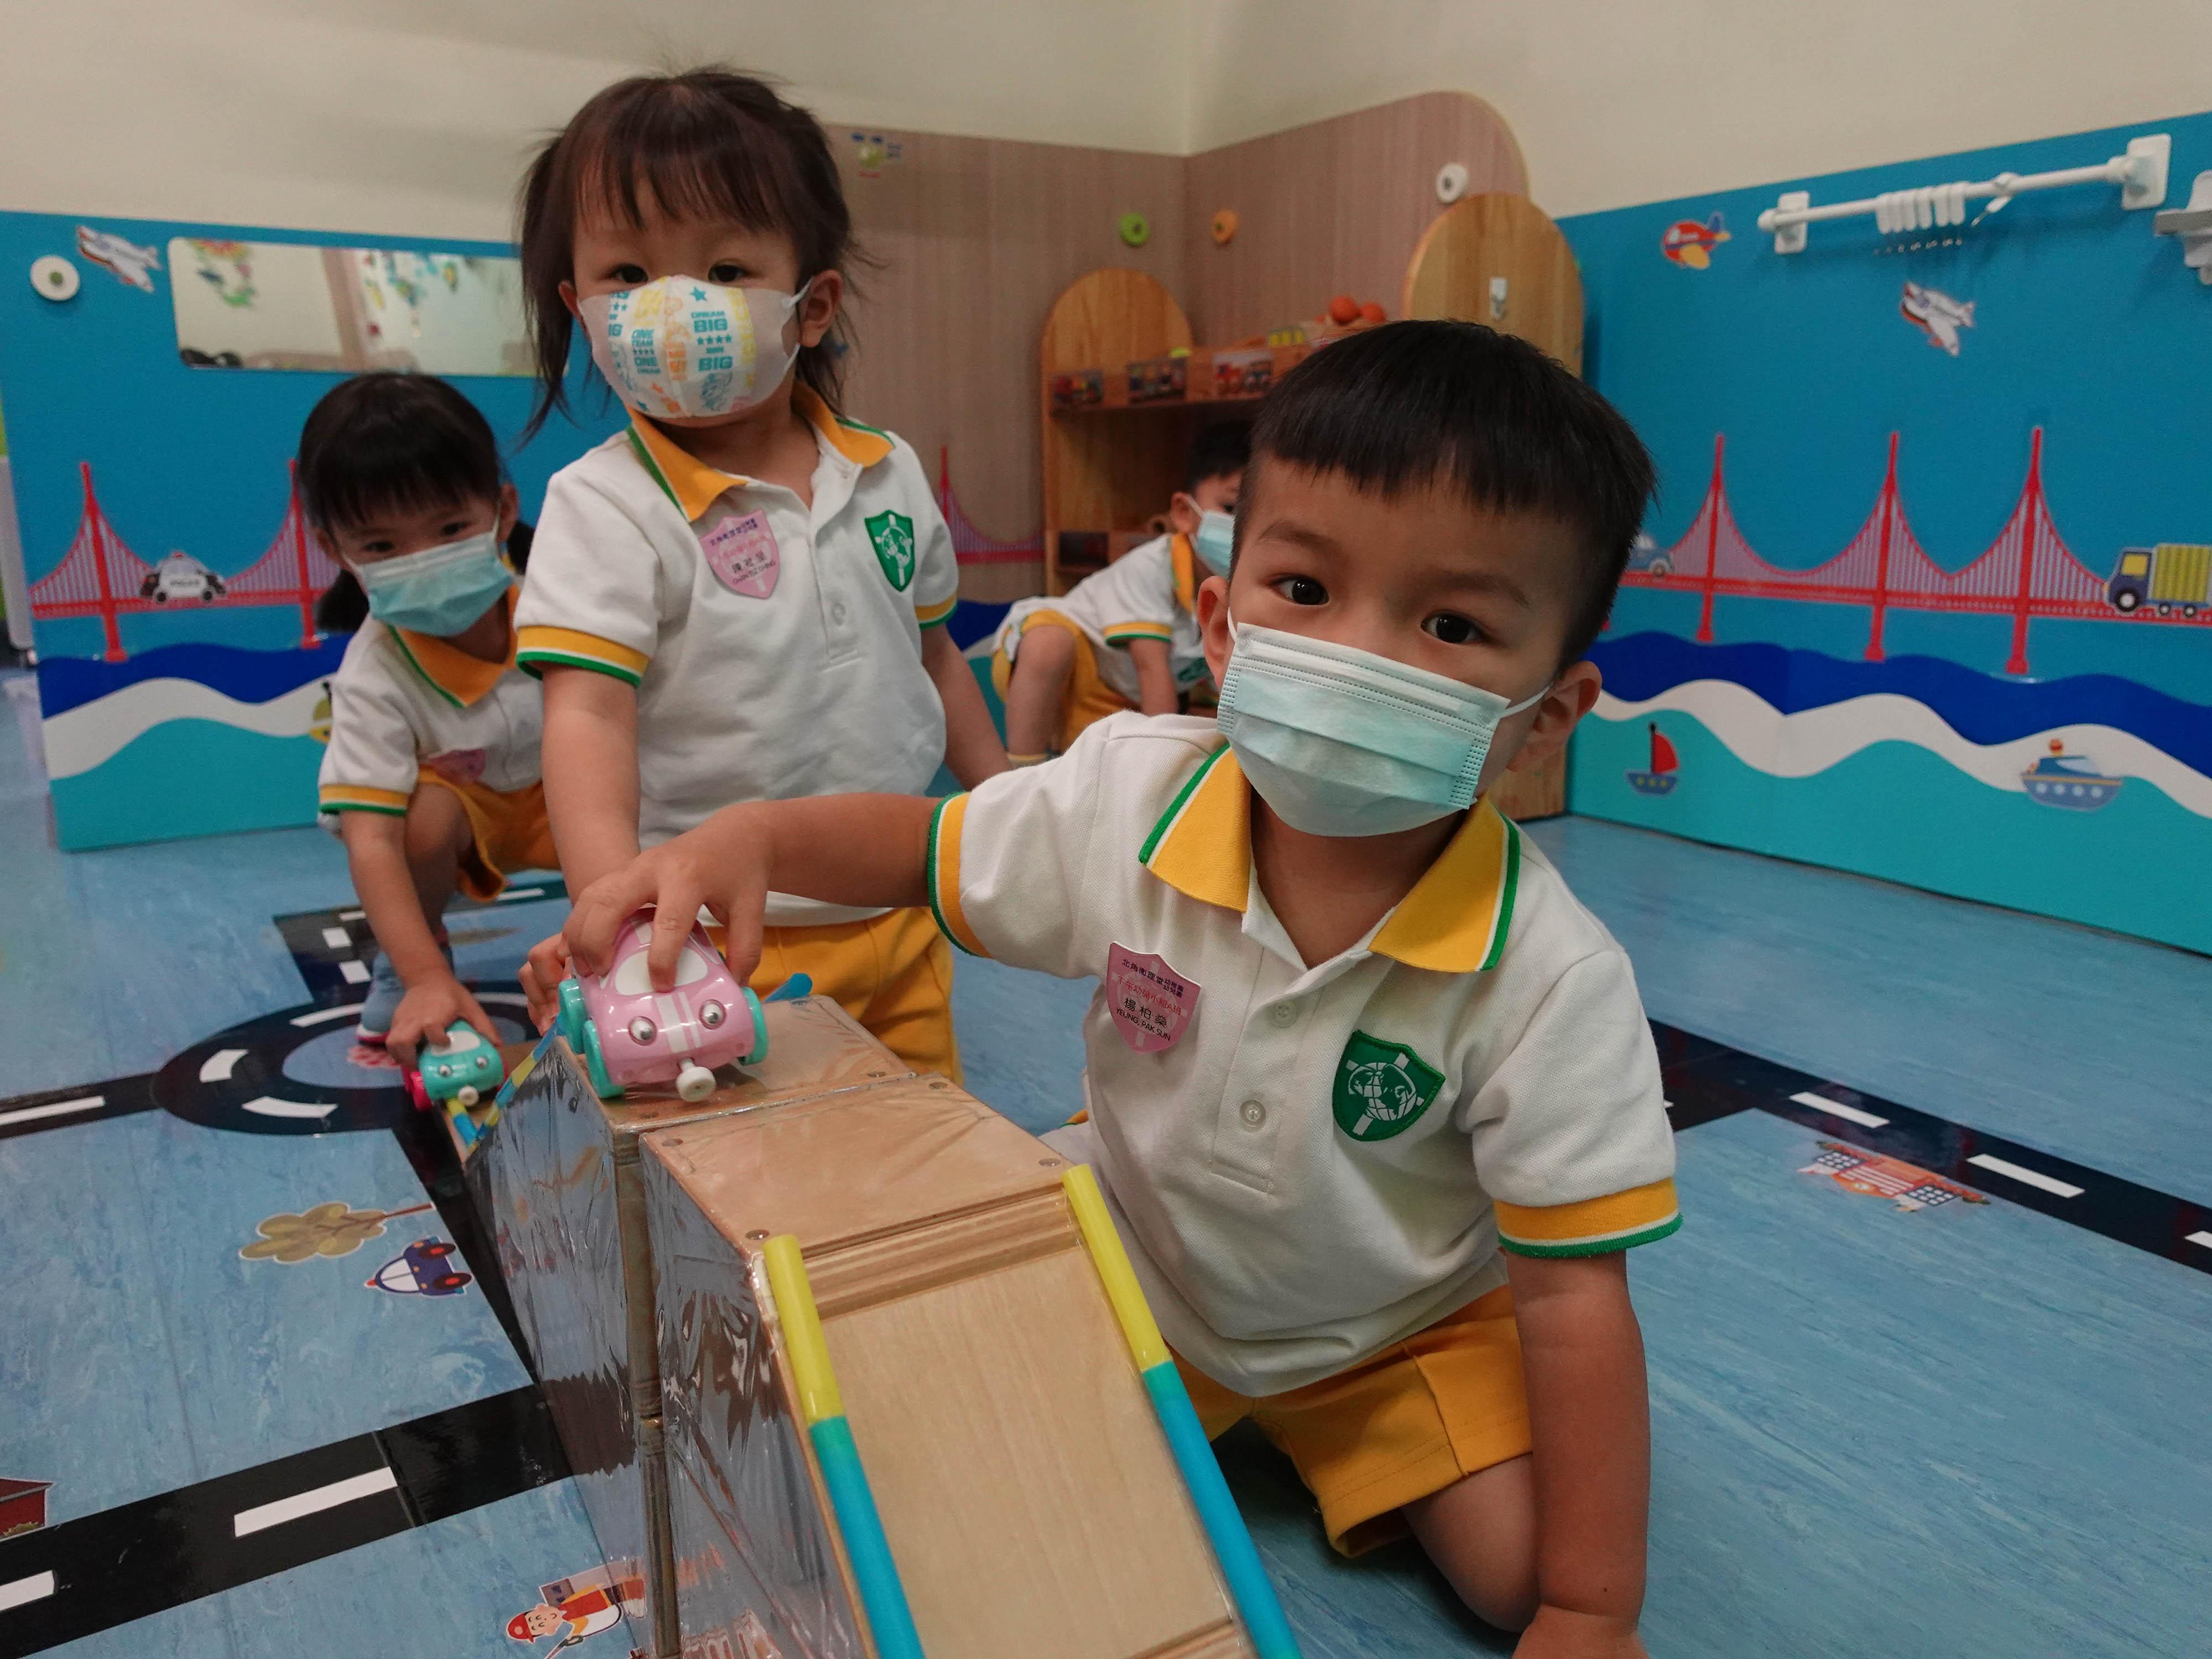 http://npmc.edu.hk/sites/default/files/dsc04326.jpg